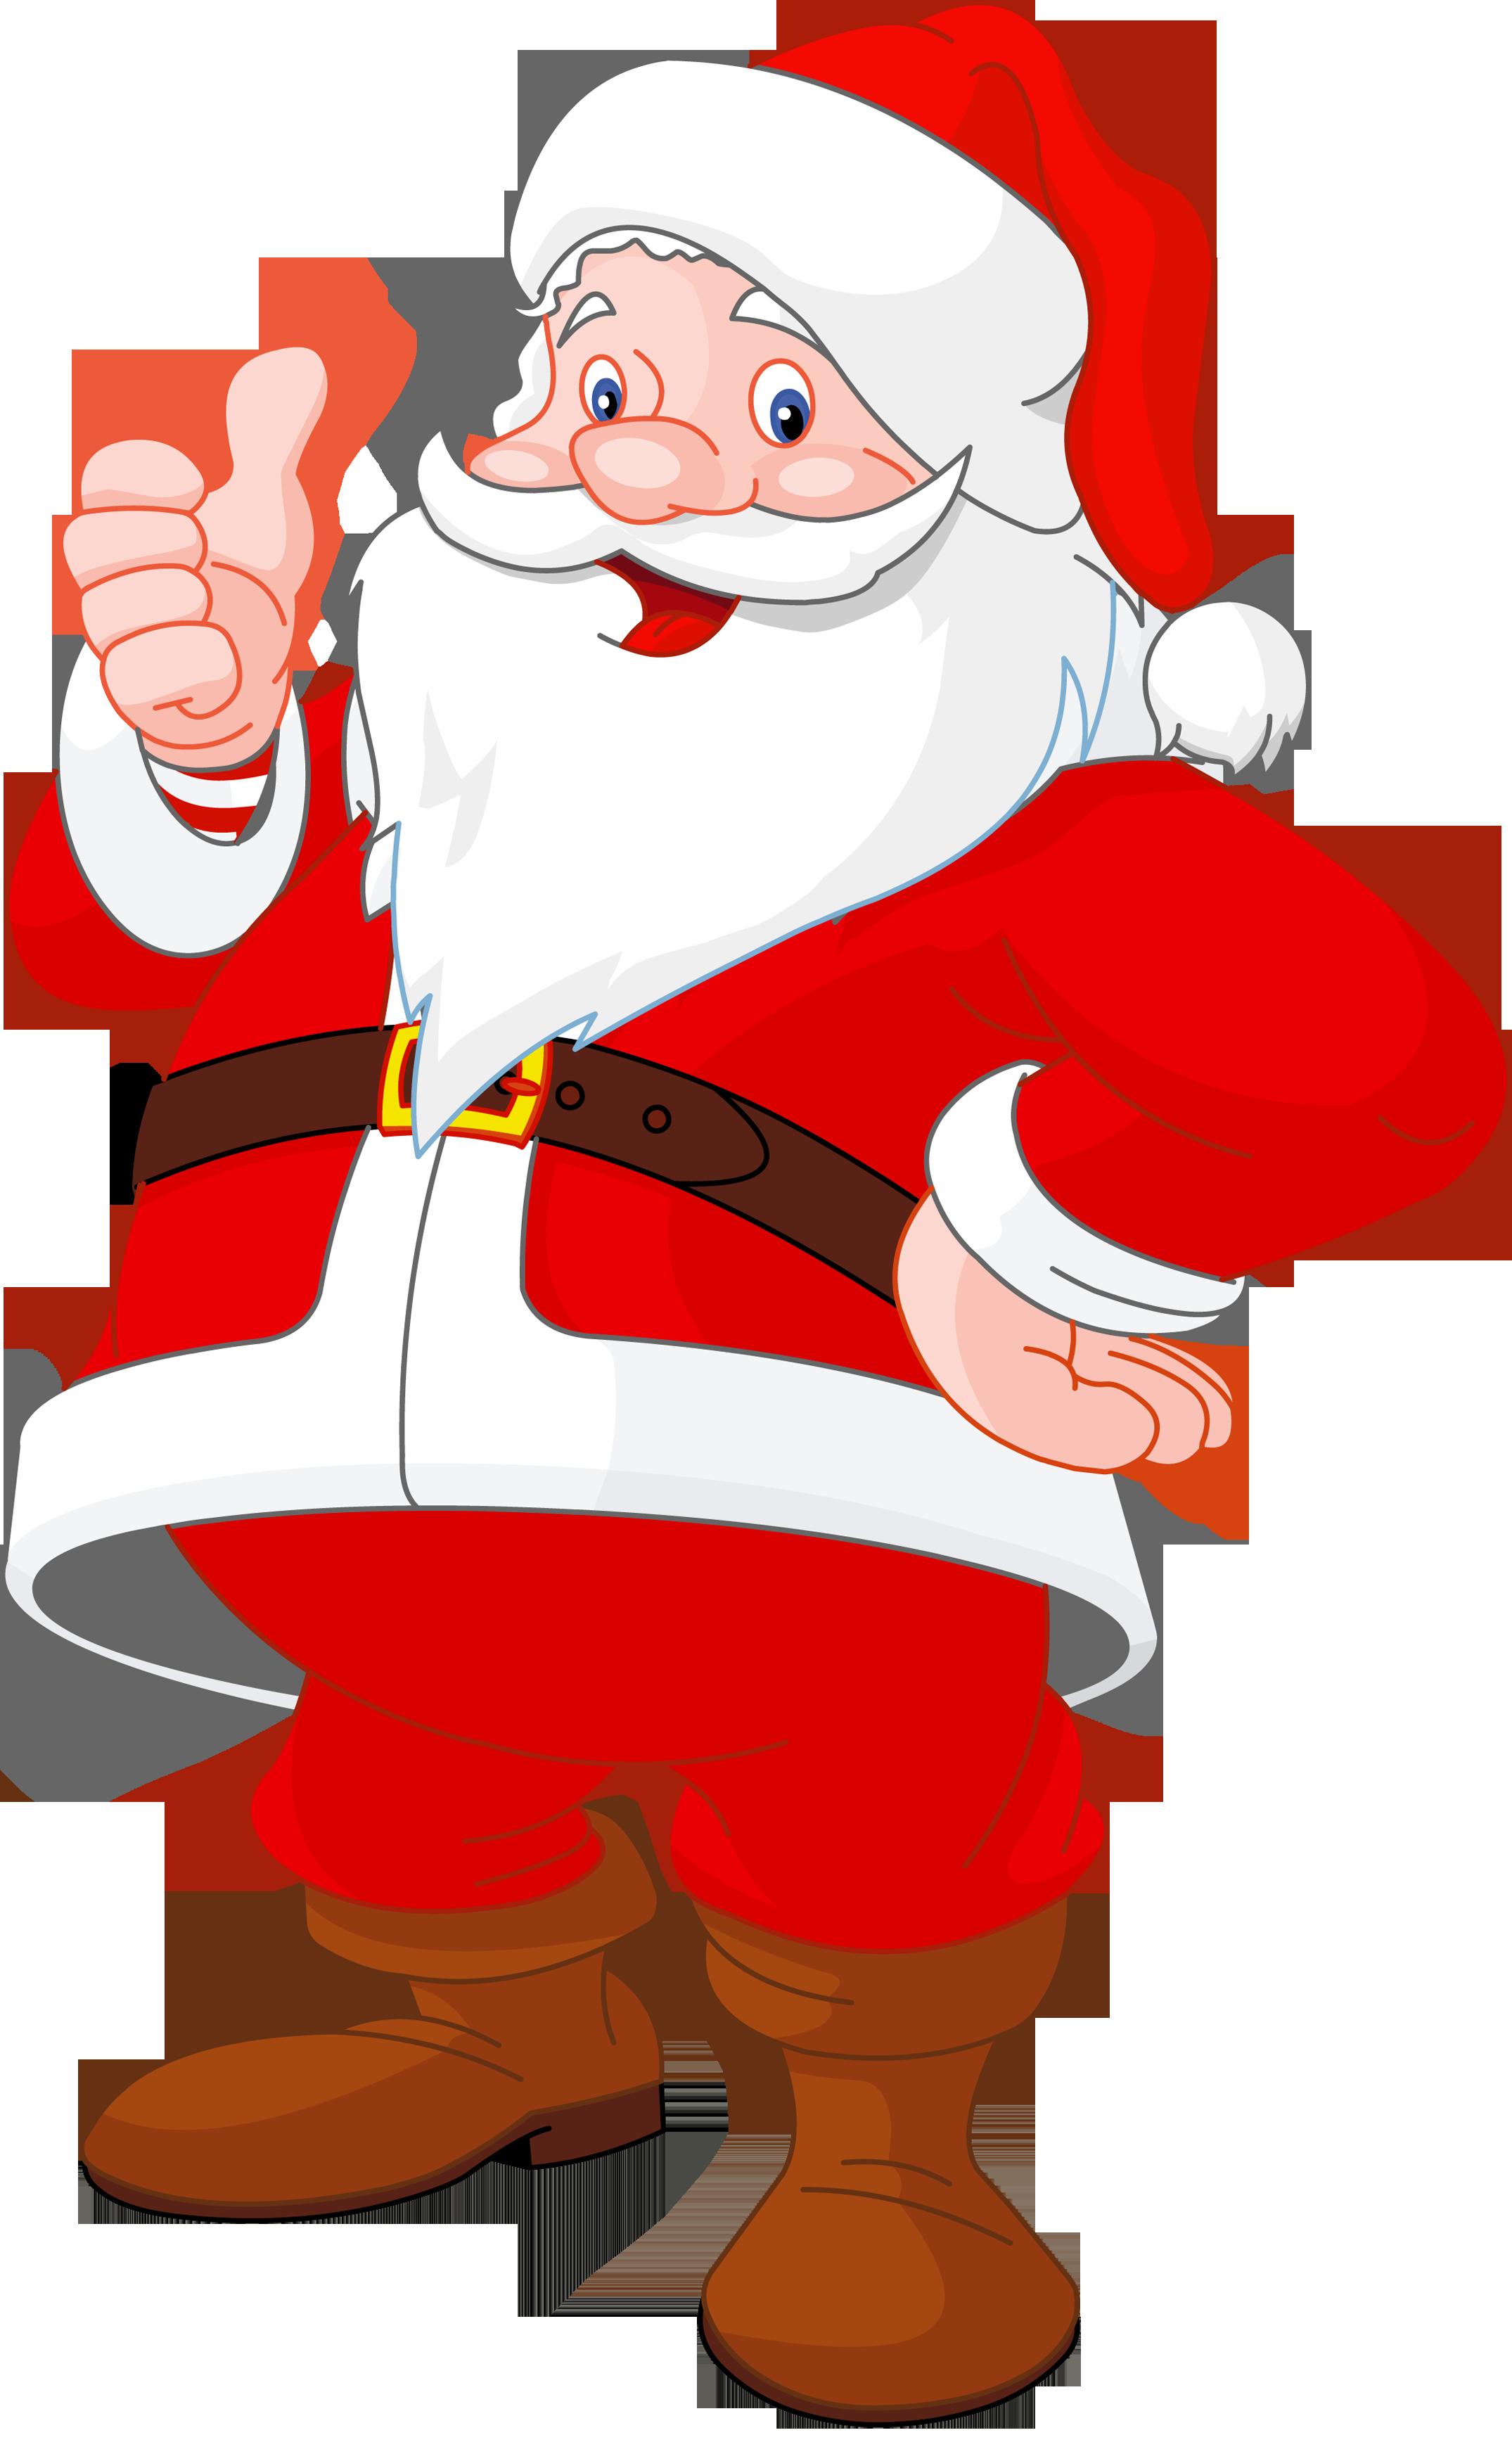 Uncategorized Imagenes Santa Claus resultado de imagen para imagenes santa navidad daltura santa